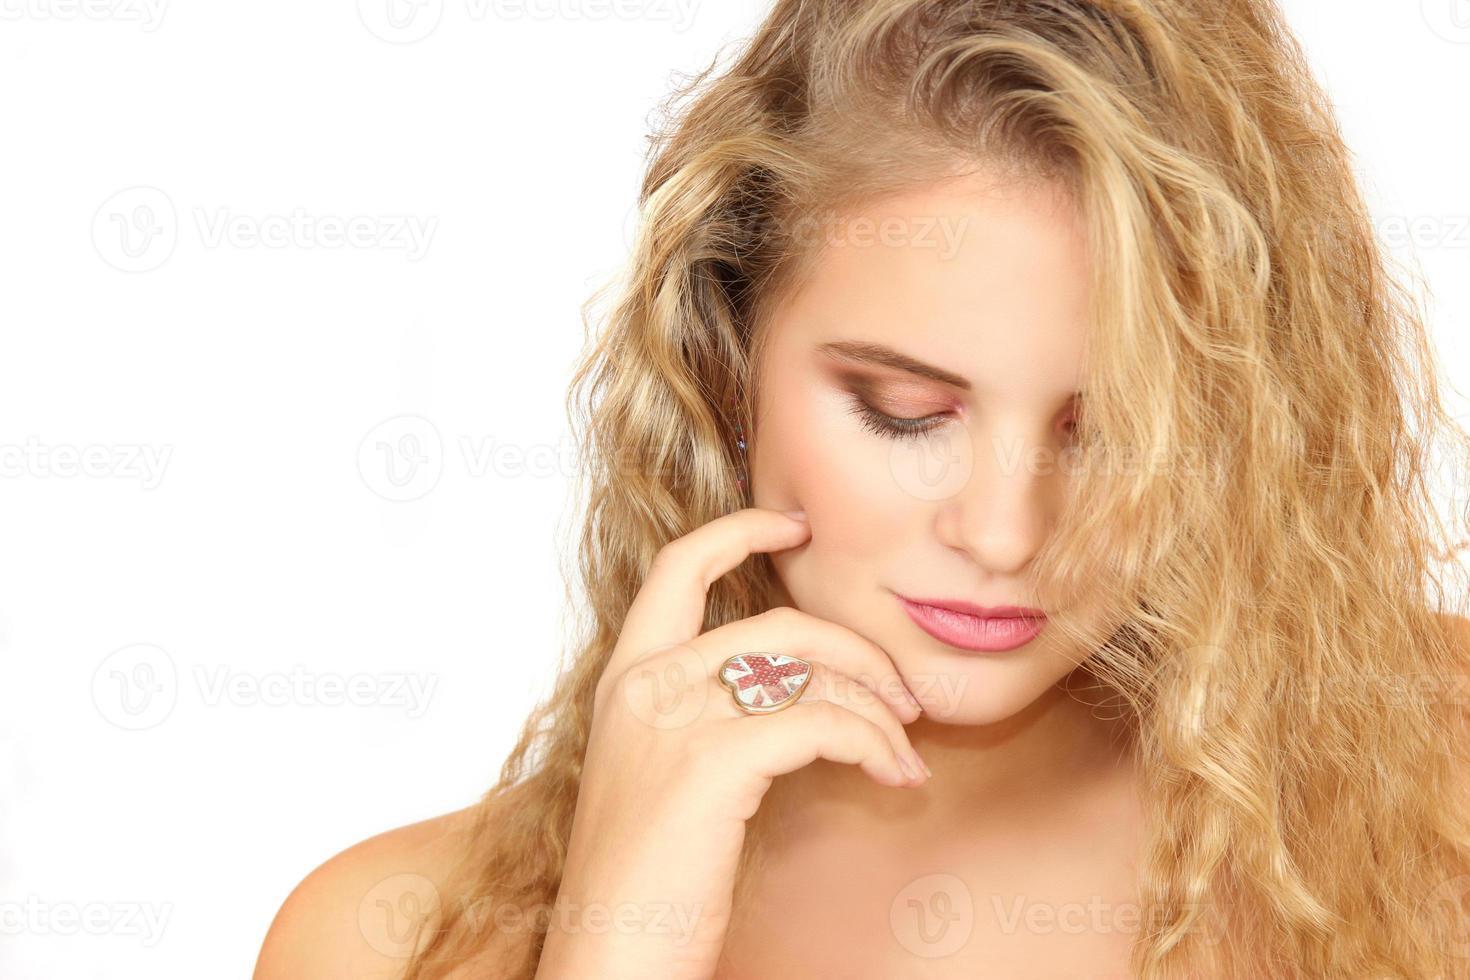 retrato horizontal da menina em um fundo branco foto